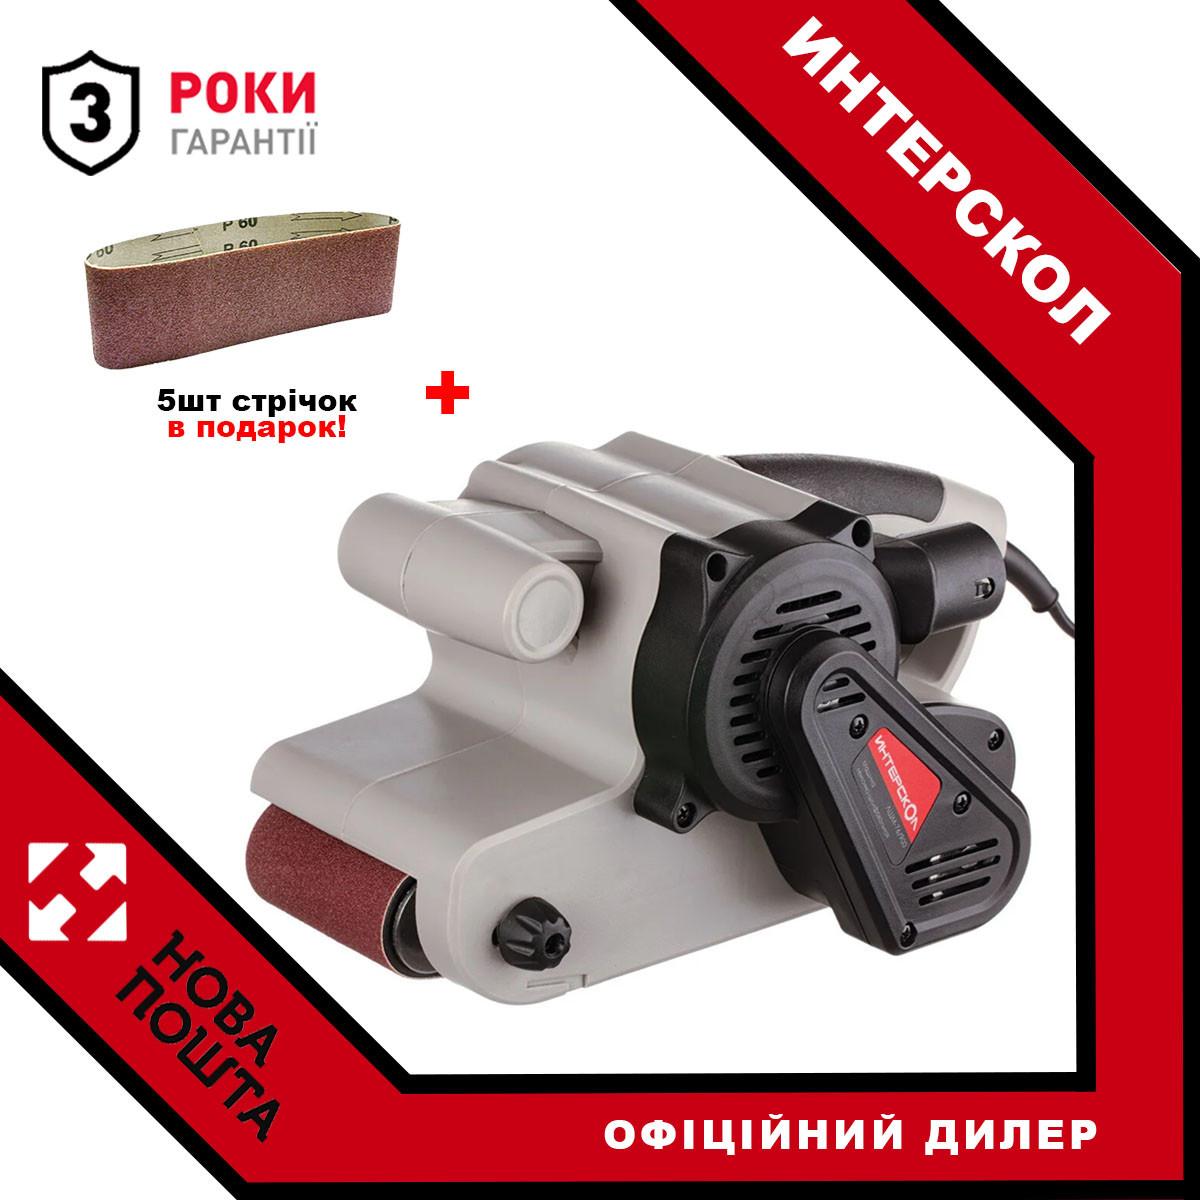 Стрічкова шліфмашина Интерскол ЛШМ-76/900 + в подарок 5 стрічок!